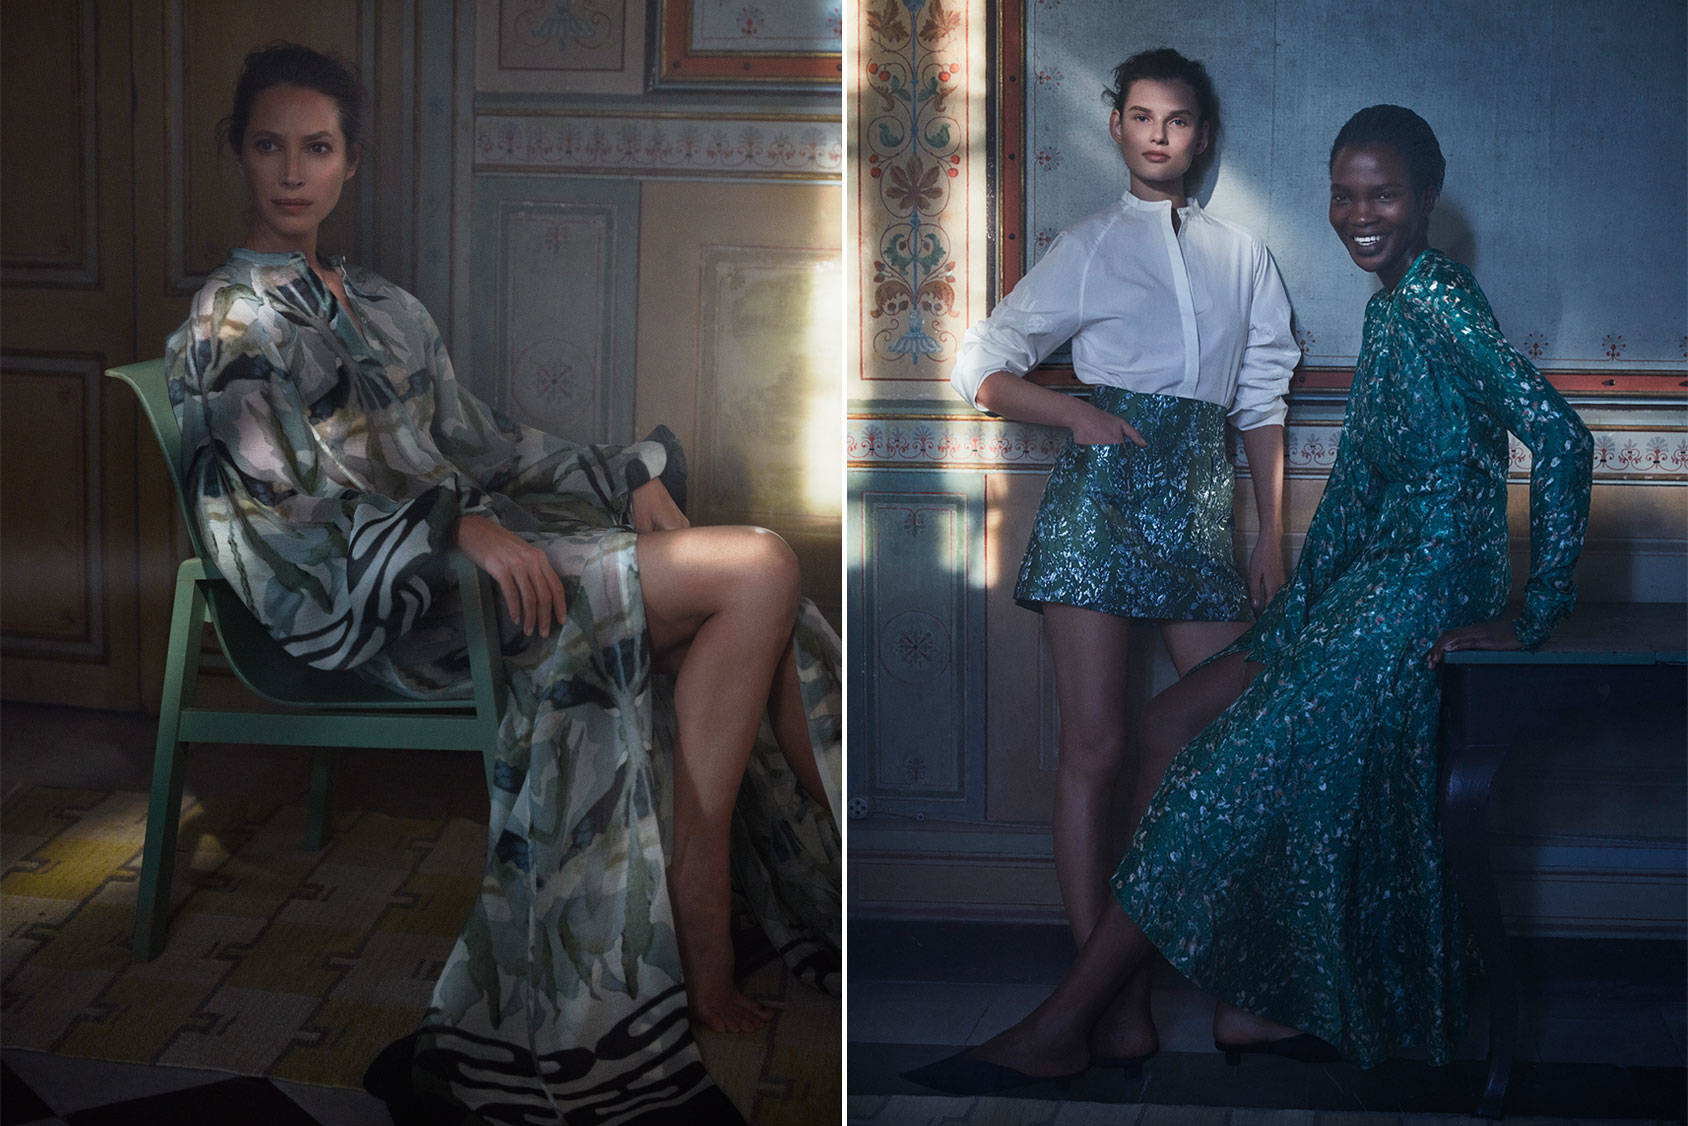 d7fdc268ccba H&M lanza colección responsable 2018 – ExpokNews